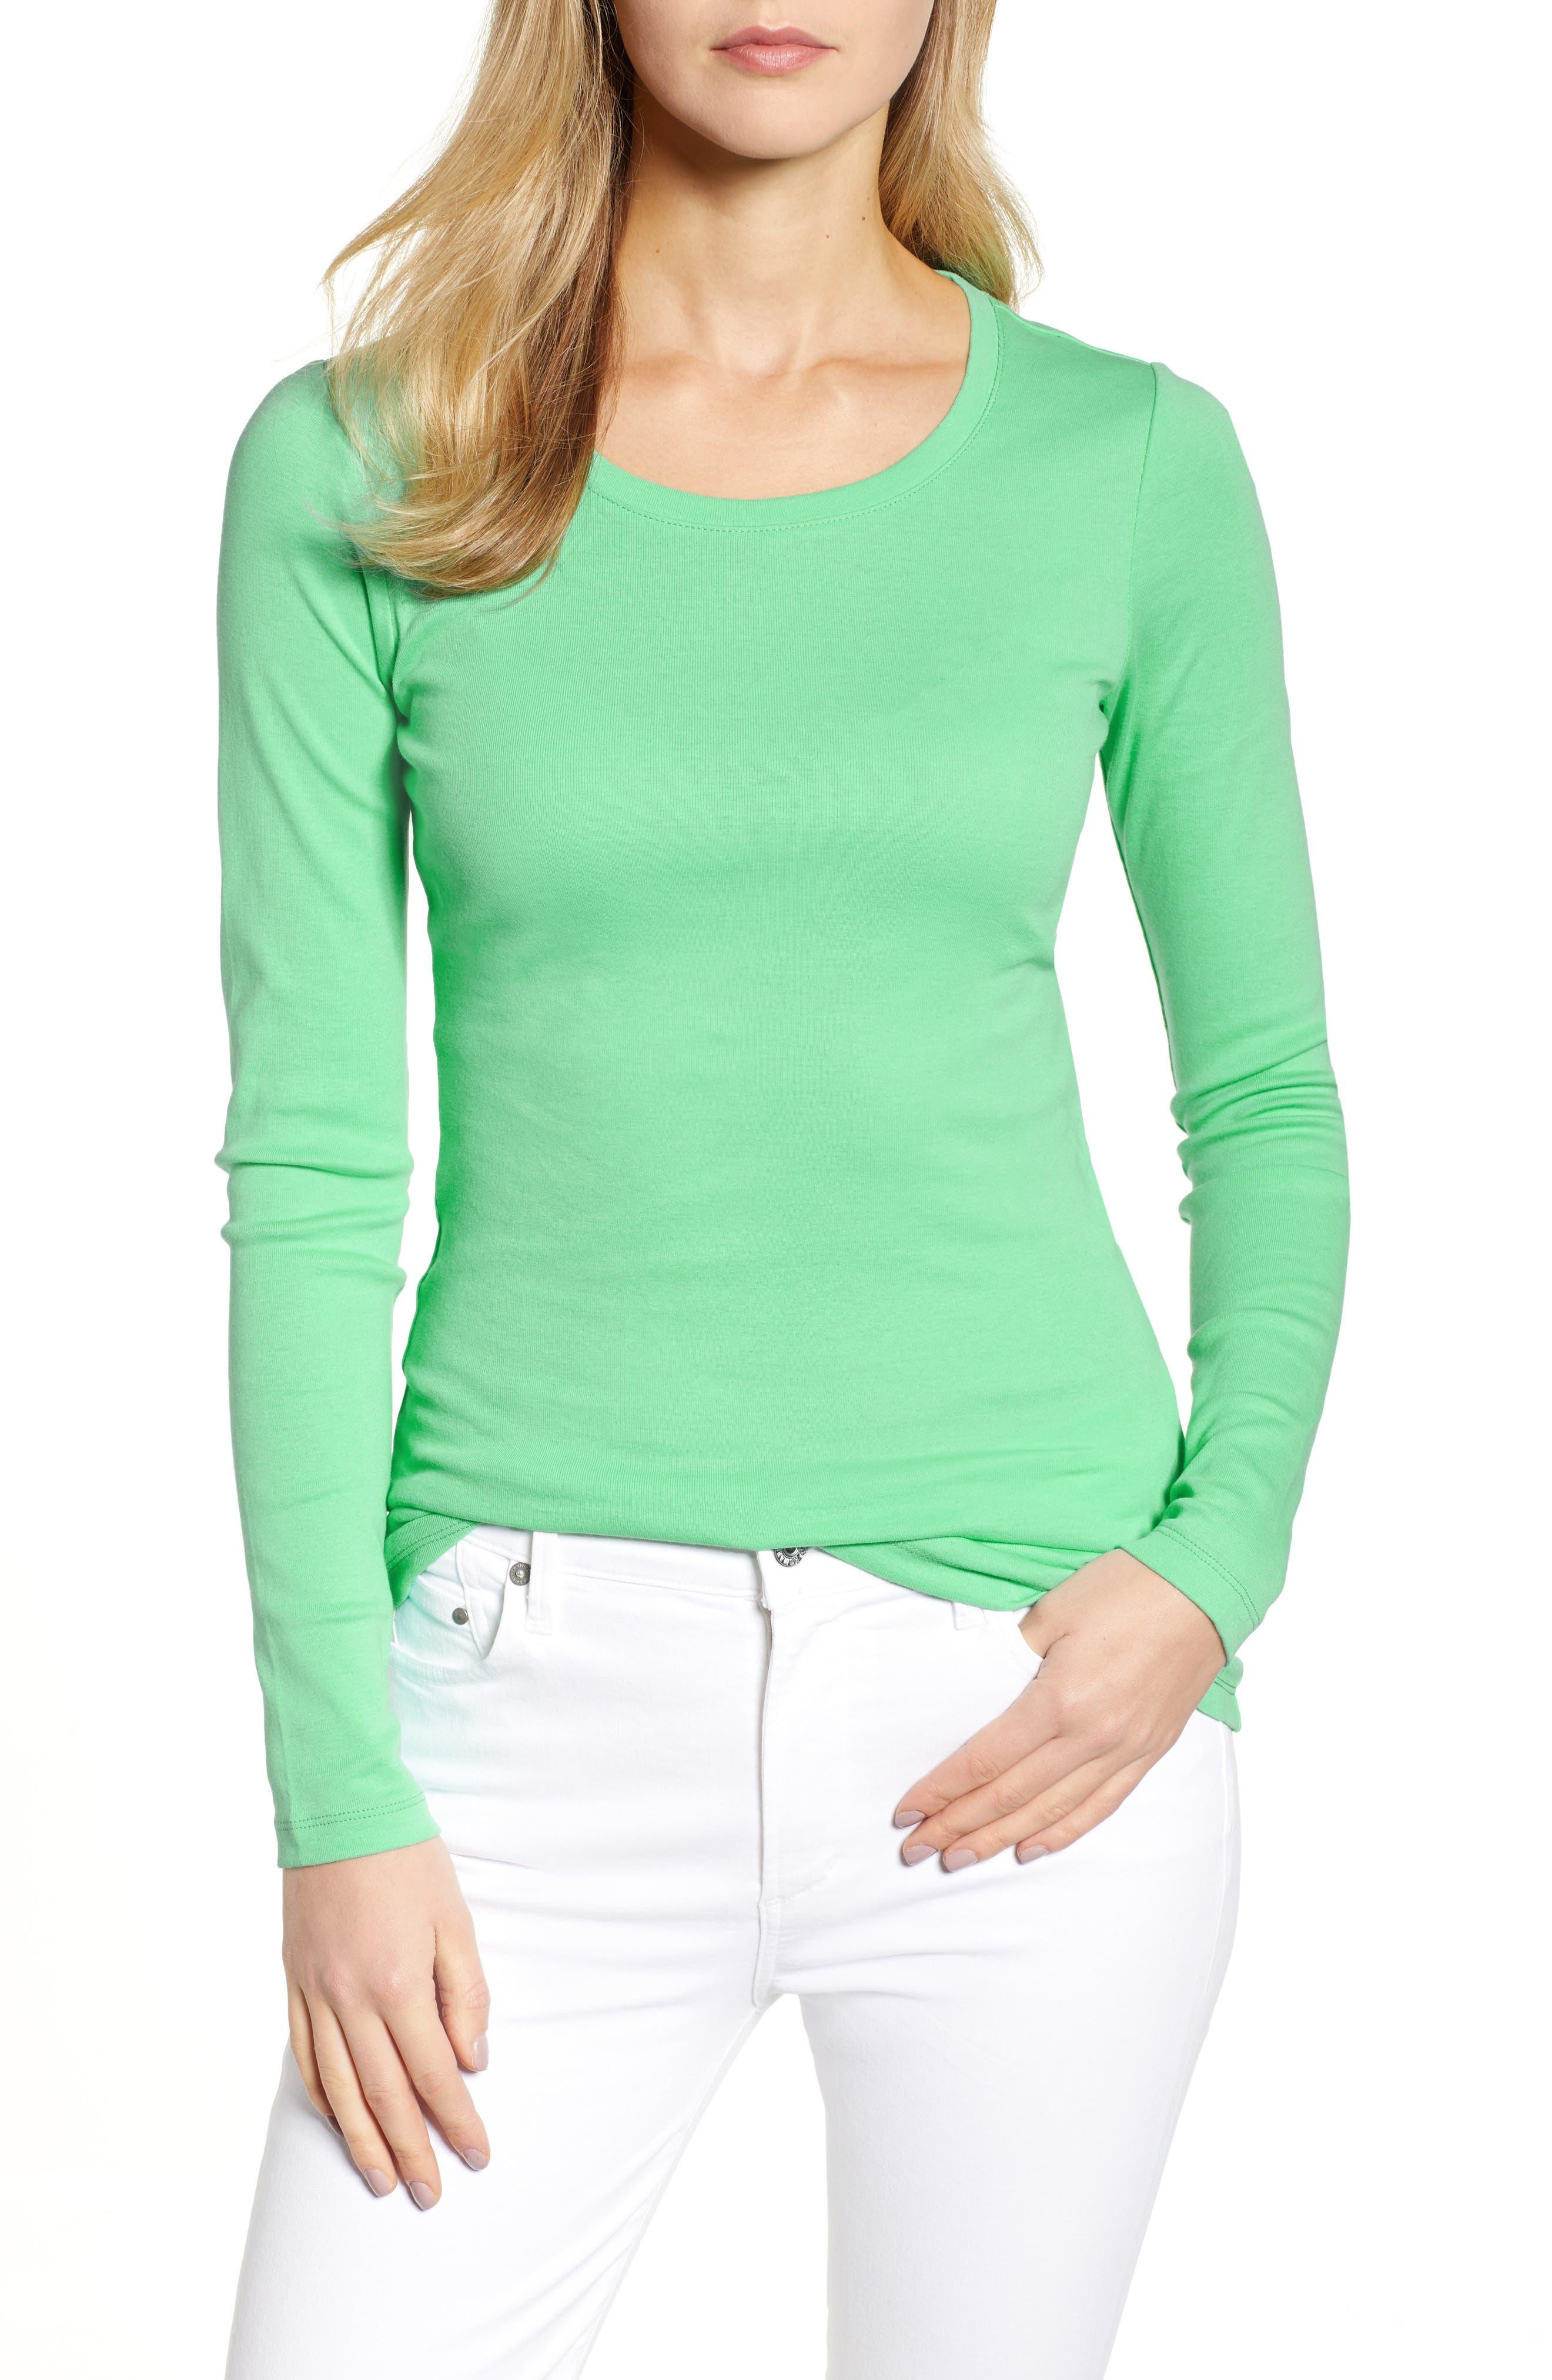 1e4497be27 Women s Green Tops